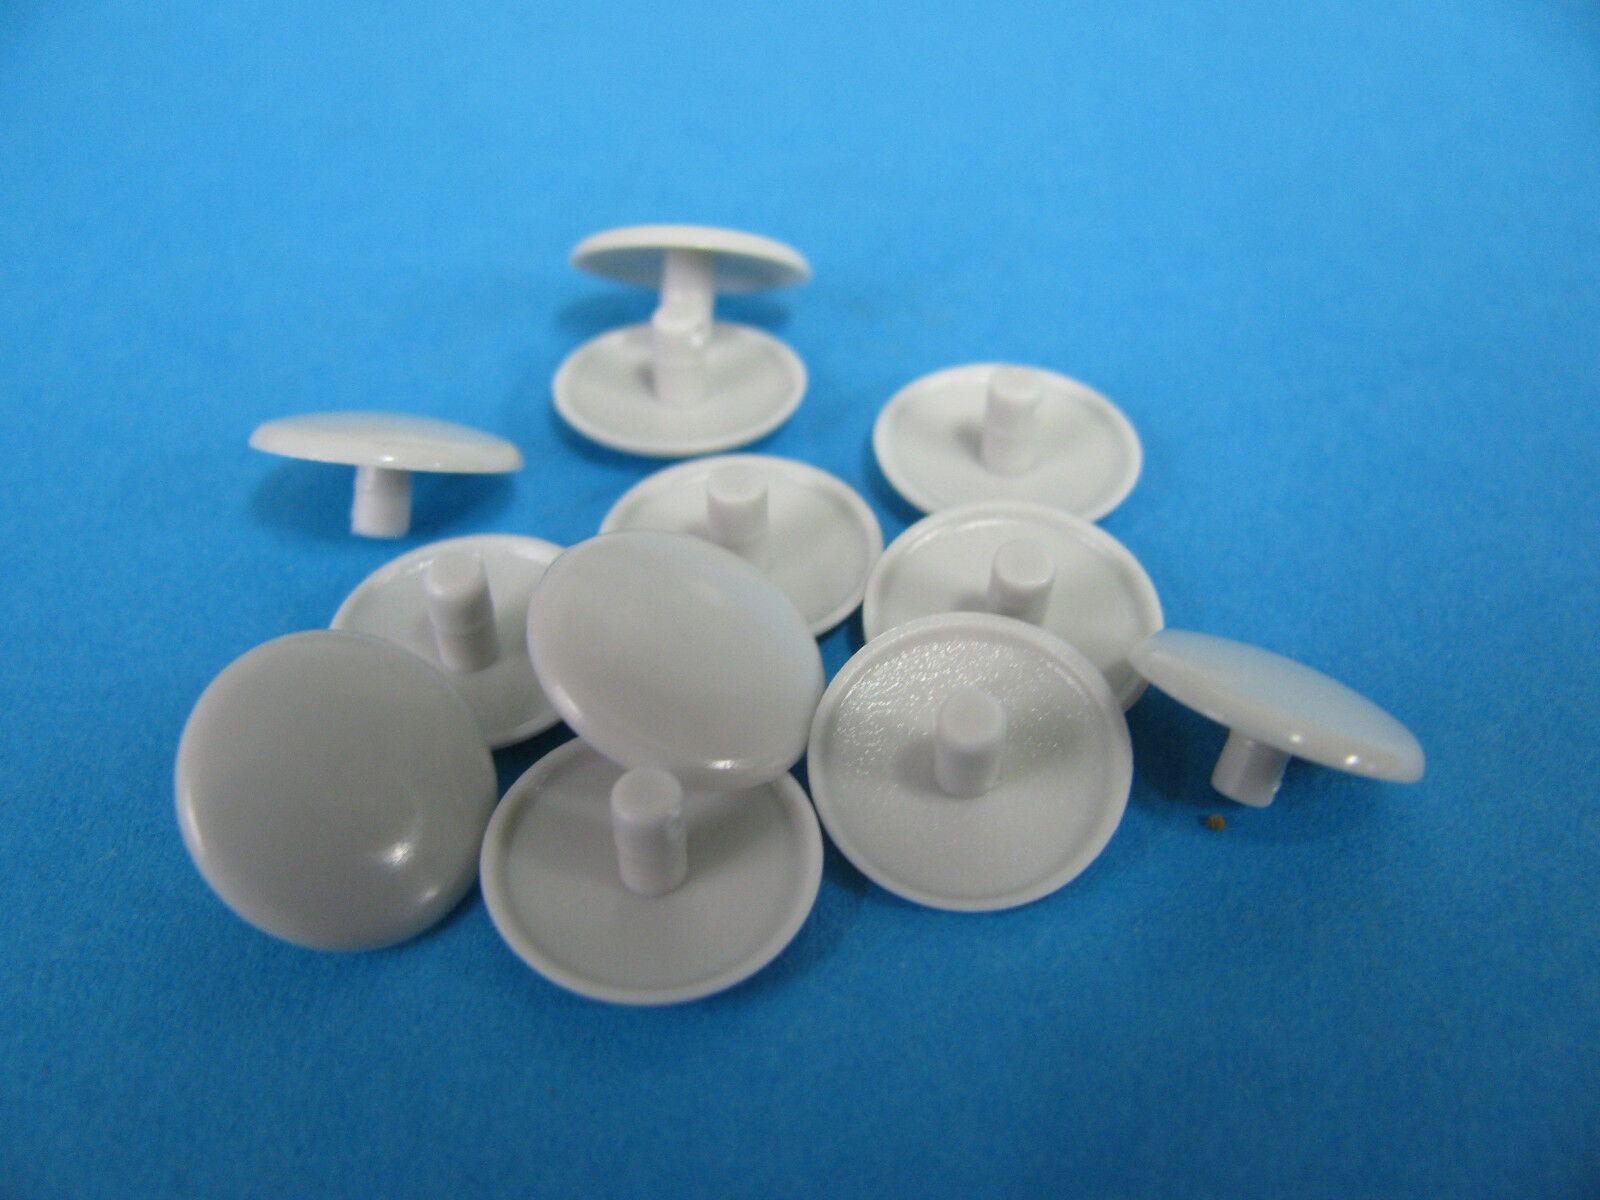 Orginal Spax® Schrauben Schrauben Schrauben mit Kopfloch Kreuzkopf Kappenschraube Kopflochbohrung | Adoptieren  083117